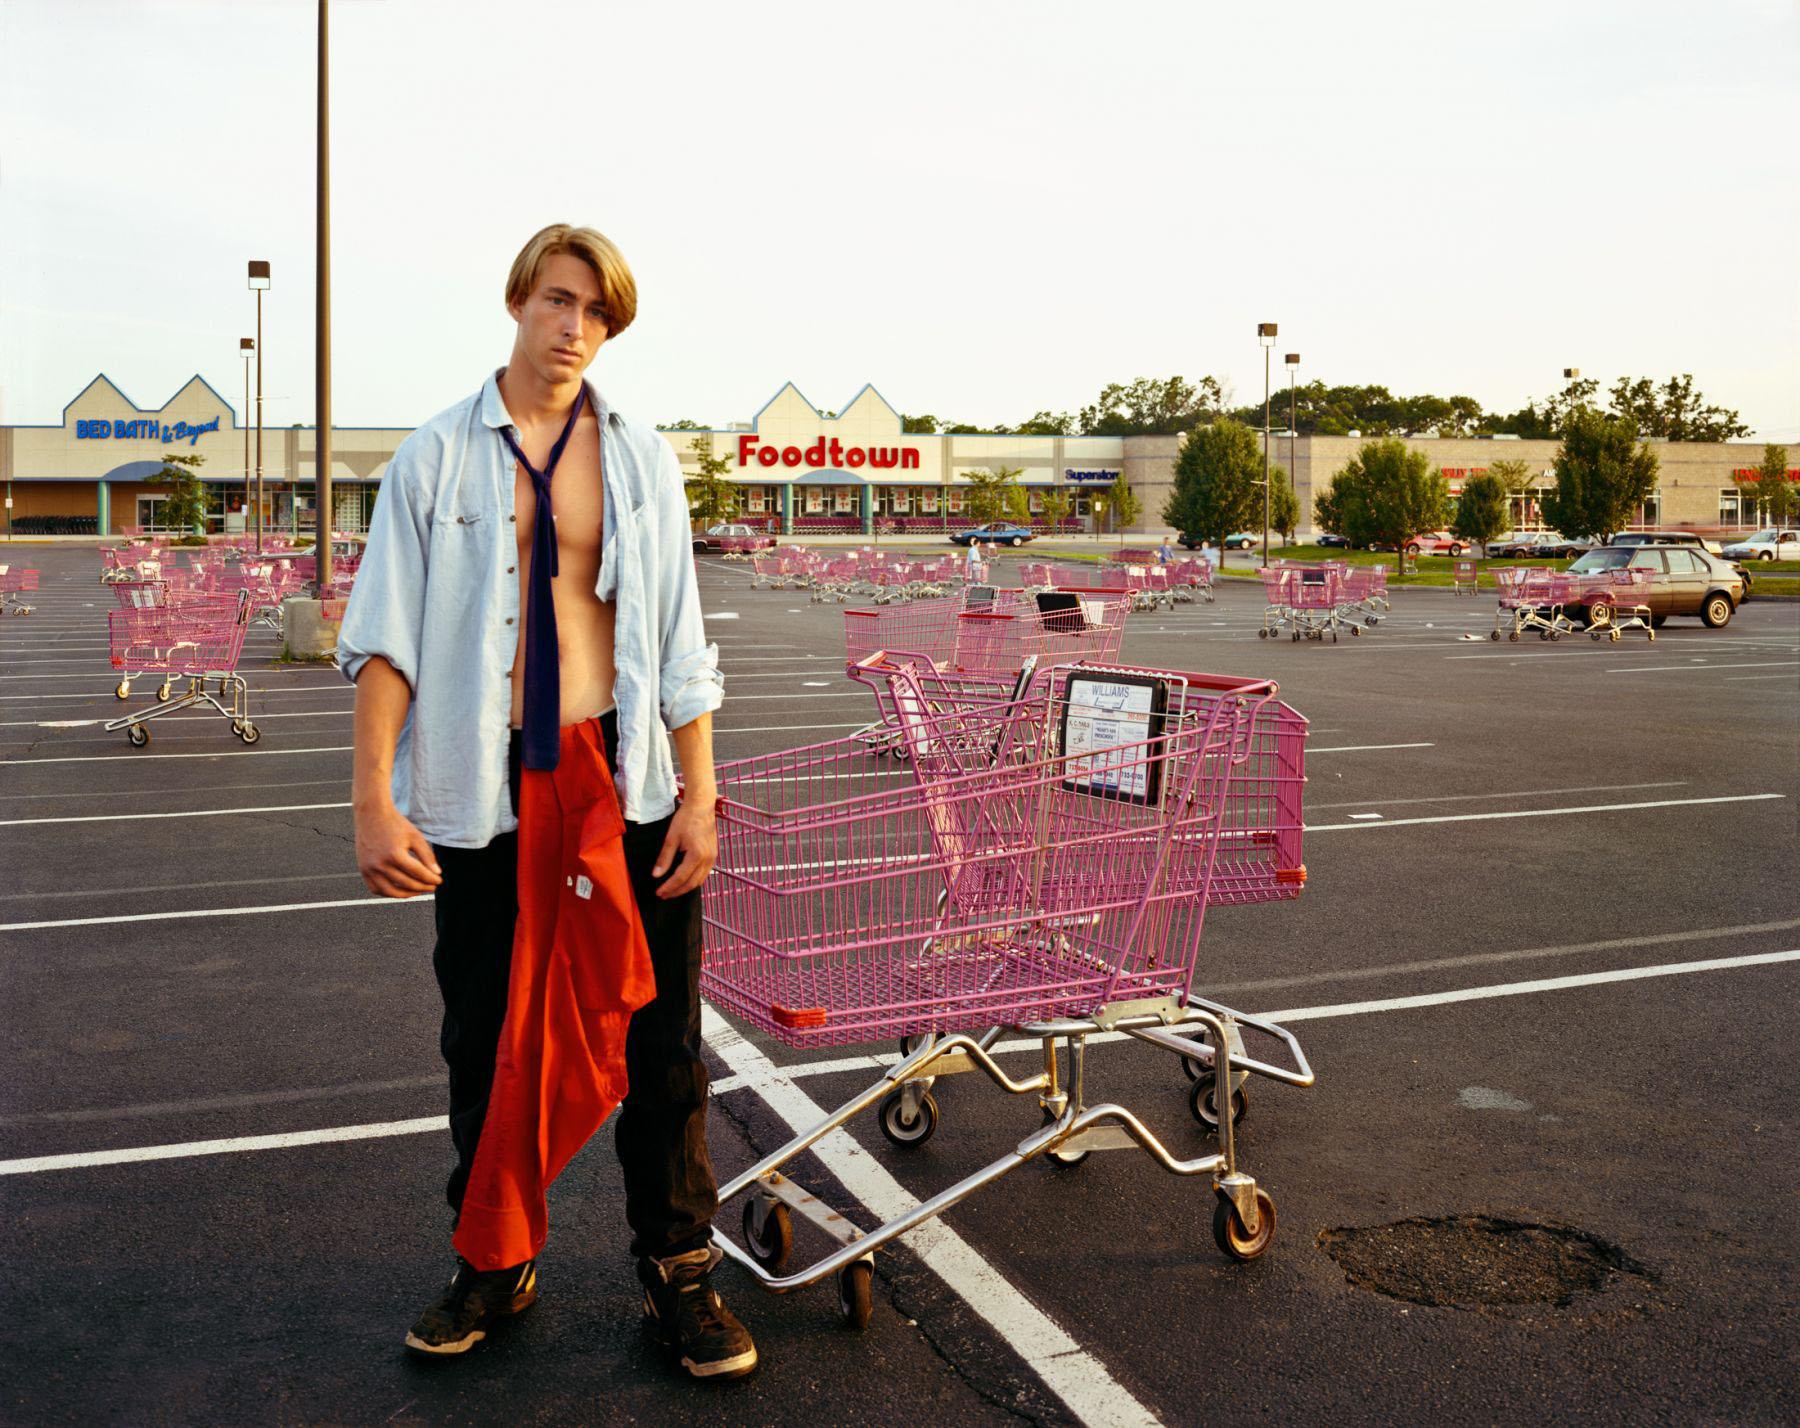 A Young Man Gathering Shopping Carts, Huntington, NY, July 1992